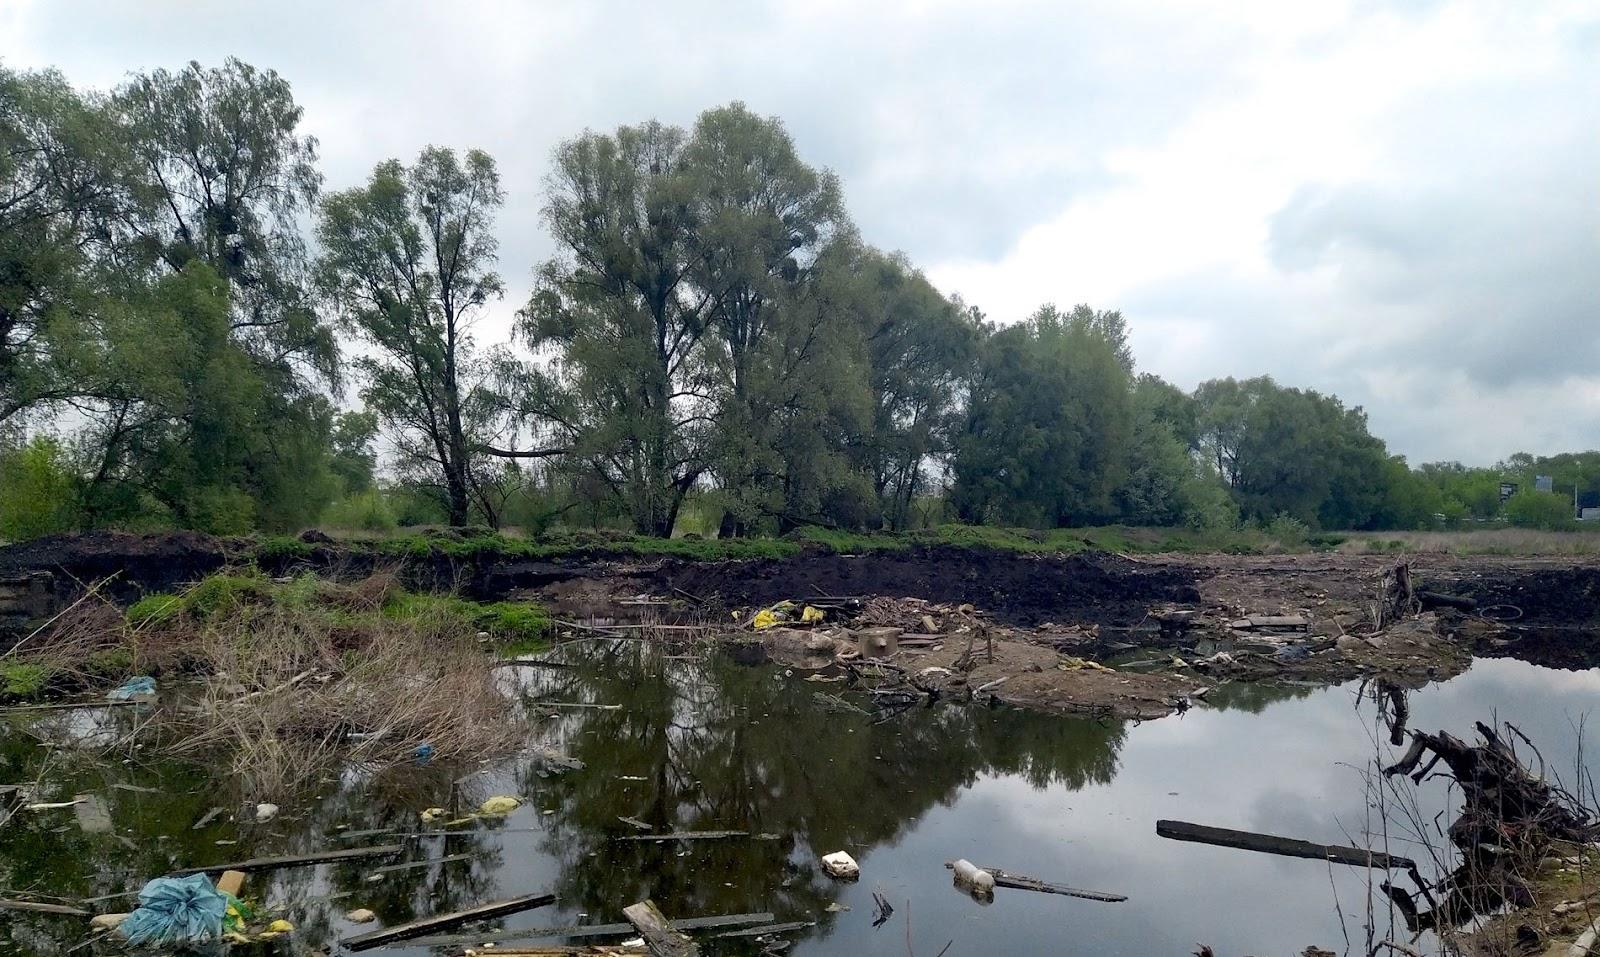 Місце стихійного видобутку торфу, що поступово перетворюється на звалище